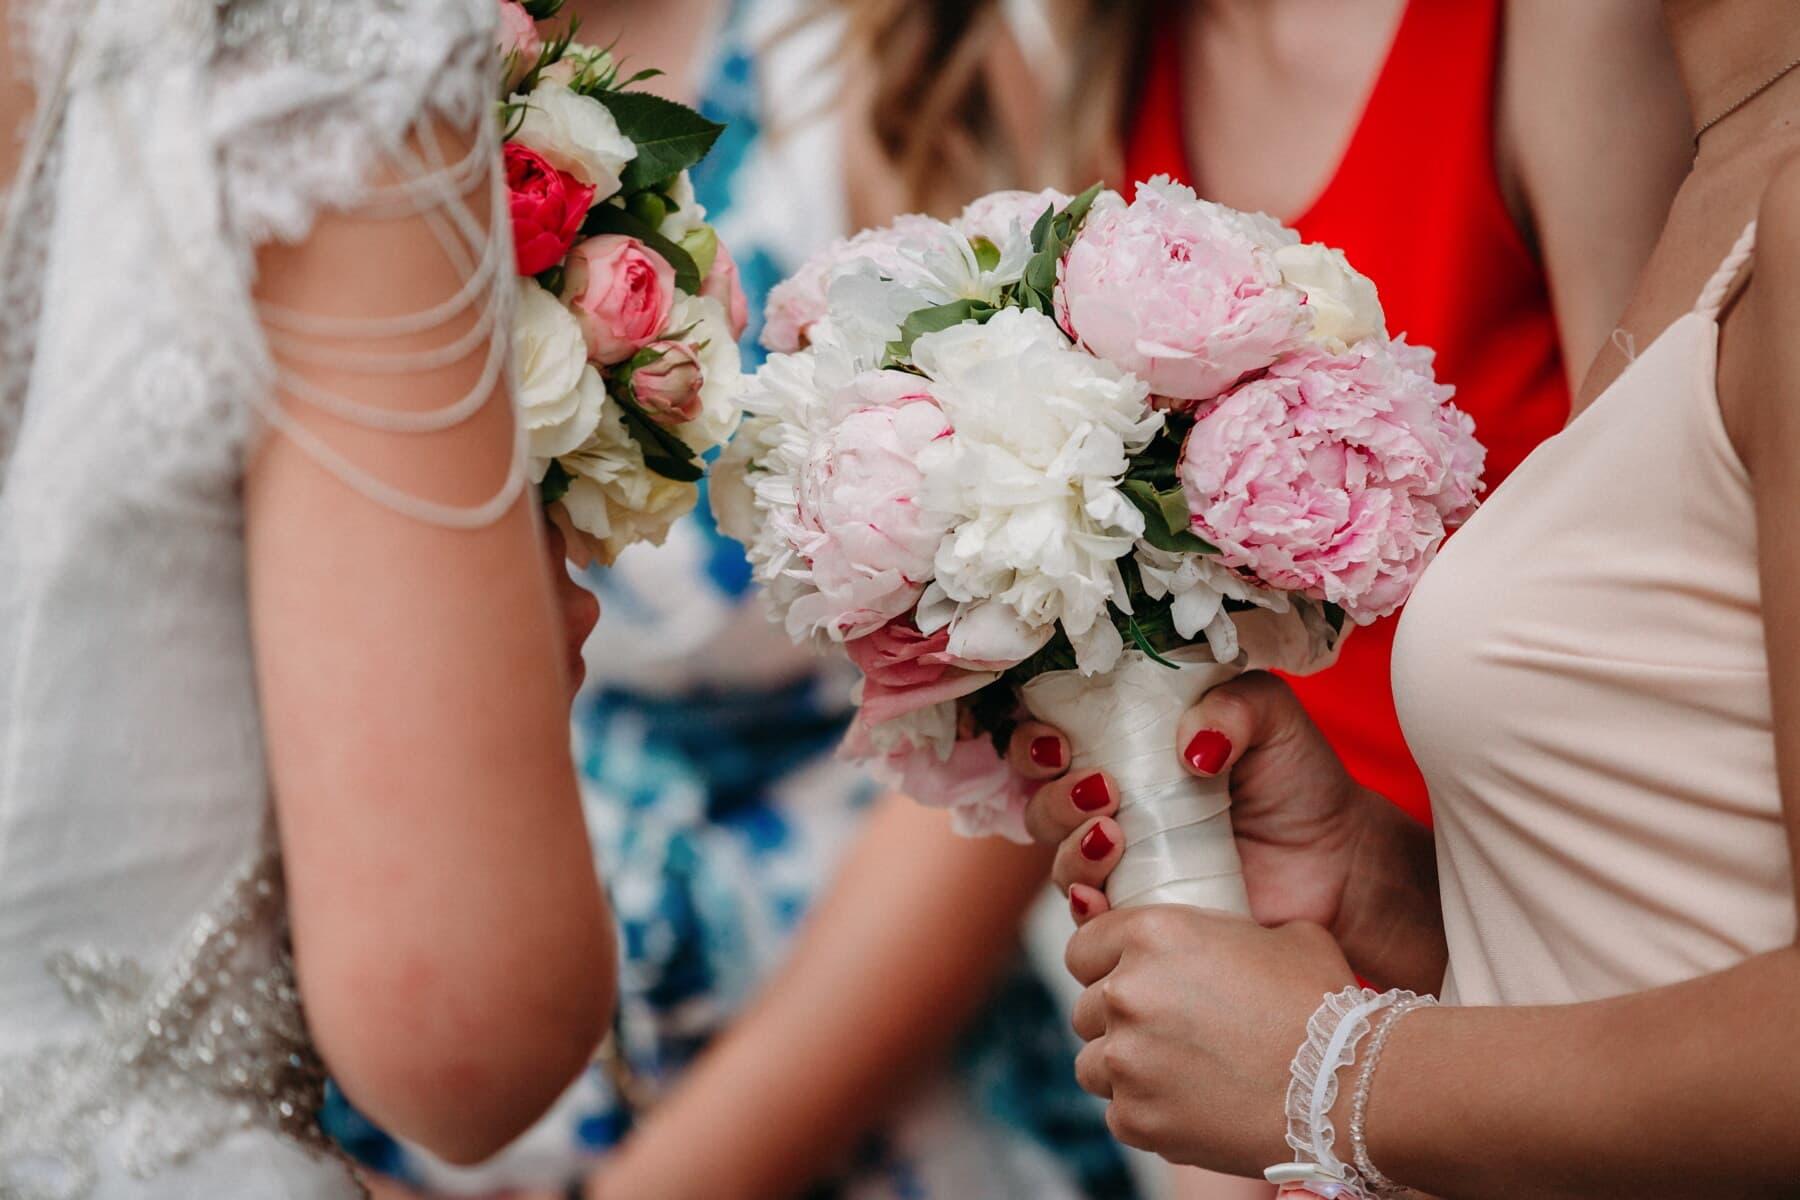 meisjes, bruiloft, vriendin, vrouwen, bruidsboeket, bruid, huwelijk, emotie, genegenheid, tederheid